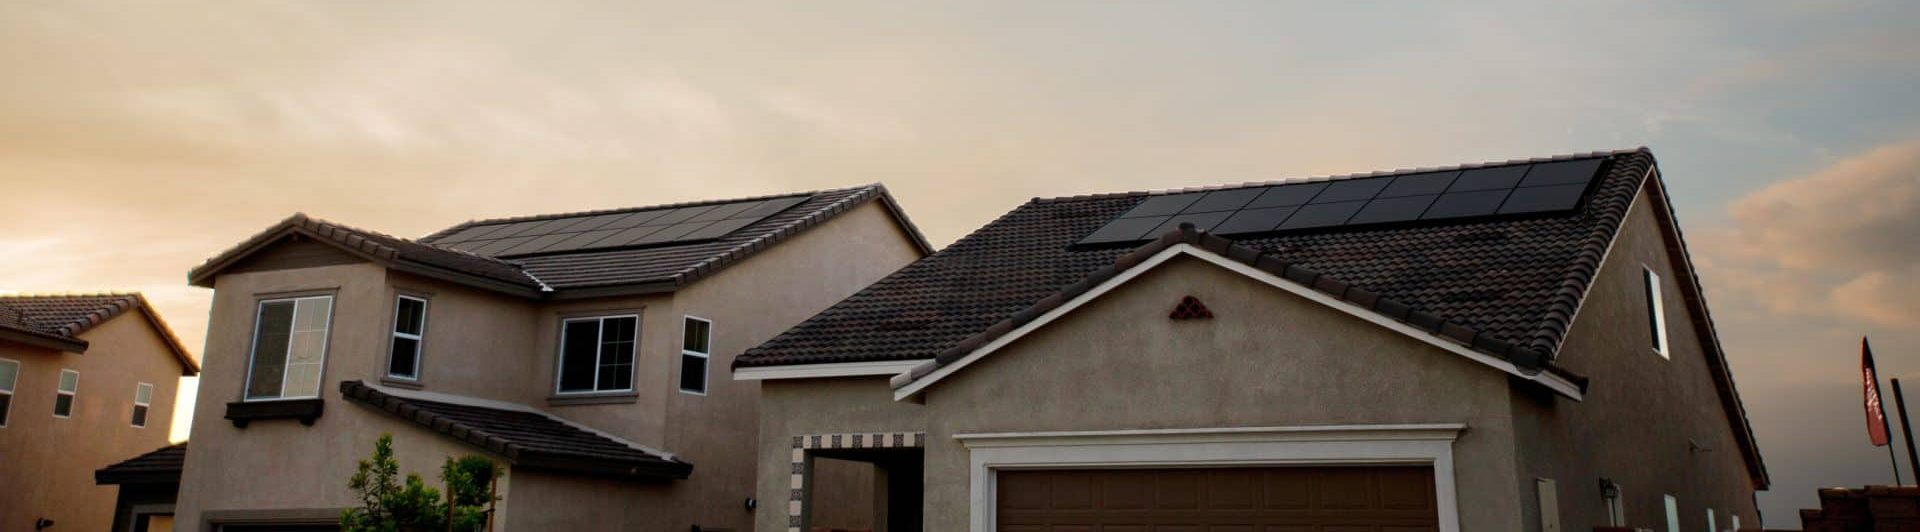 Panneaux solaires sur des toits